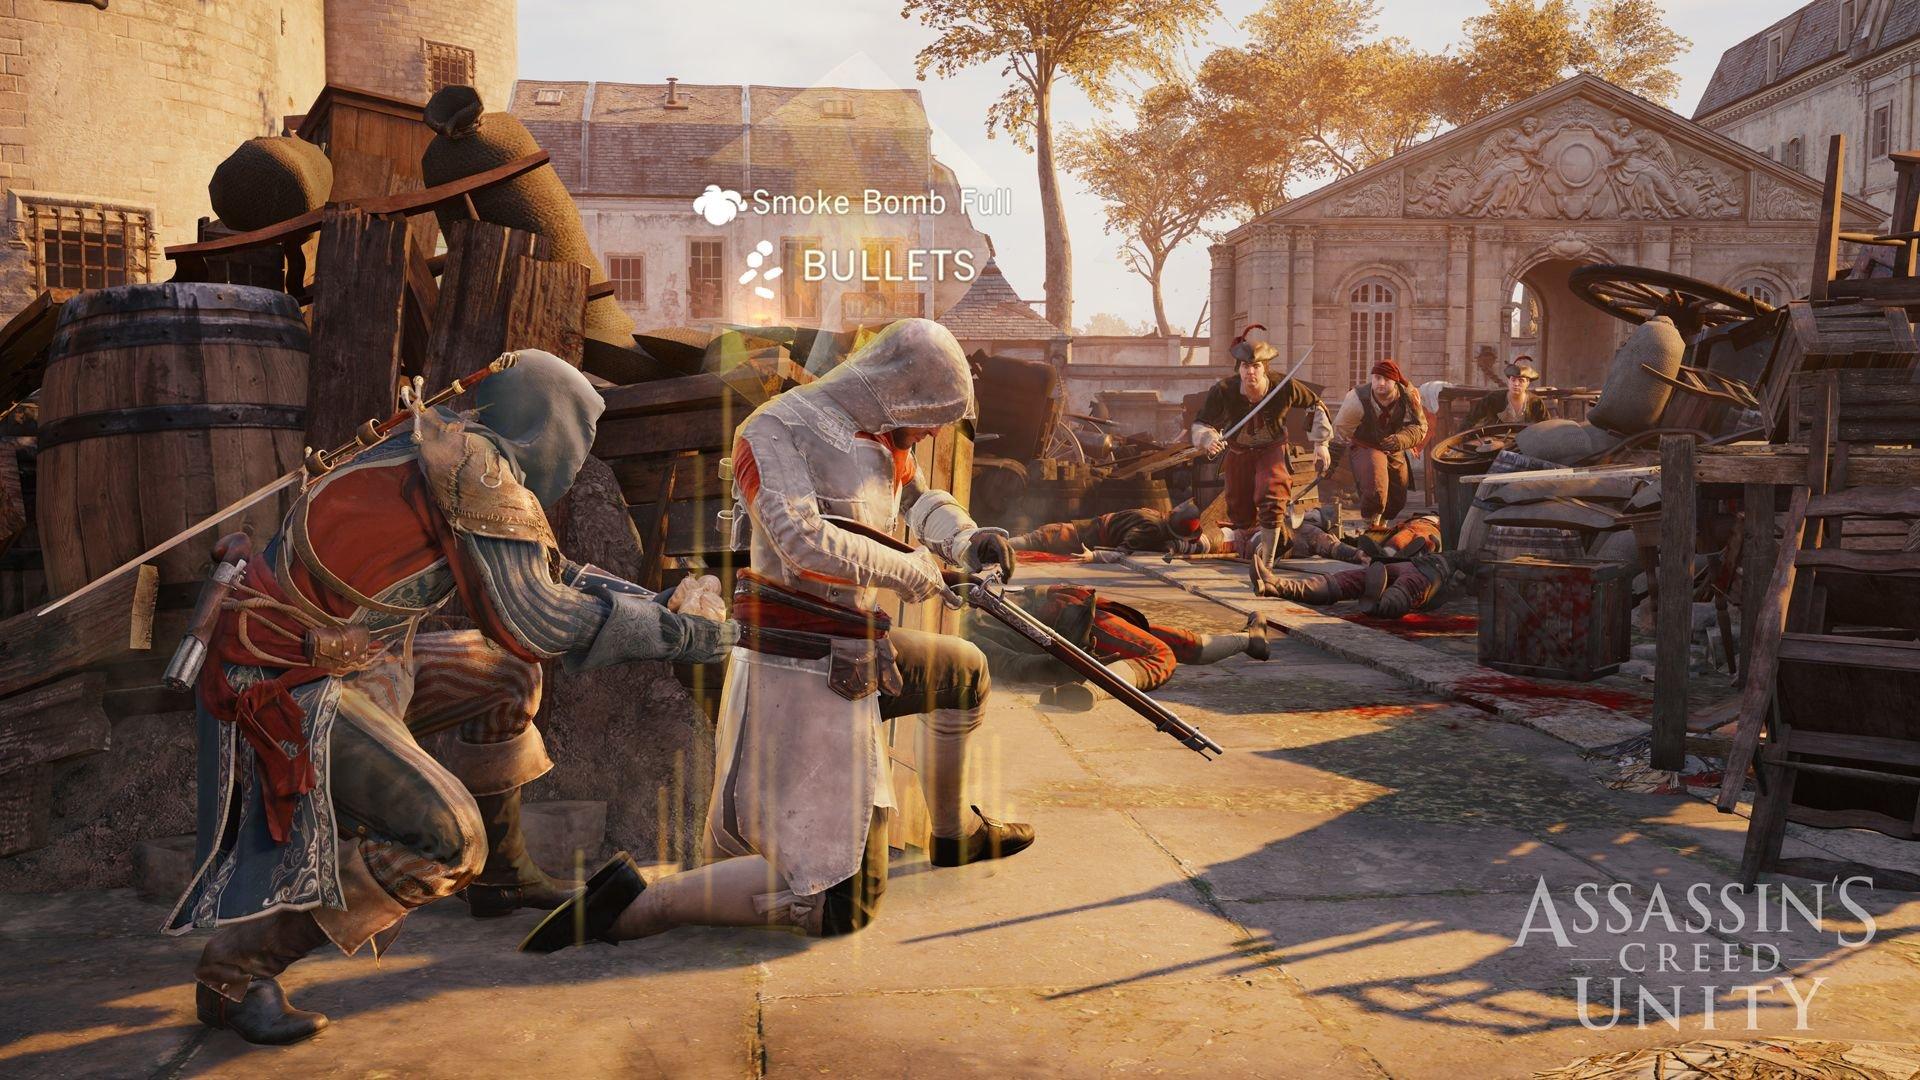 La personalización de Assassin's Creed Unity